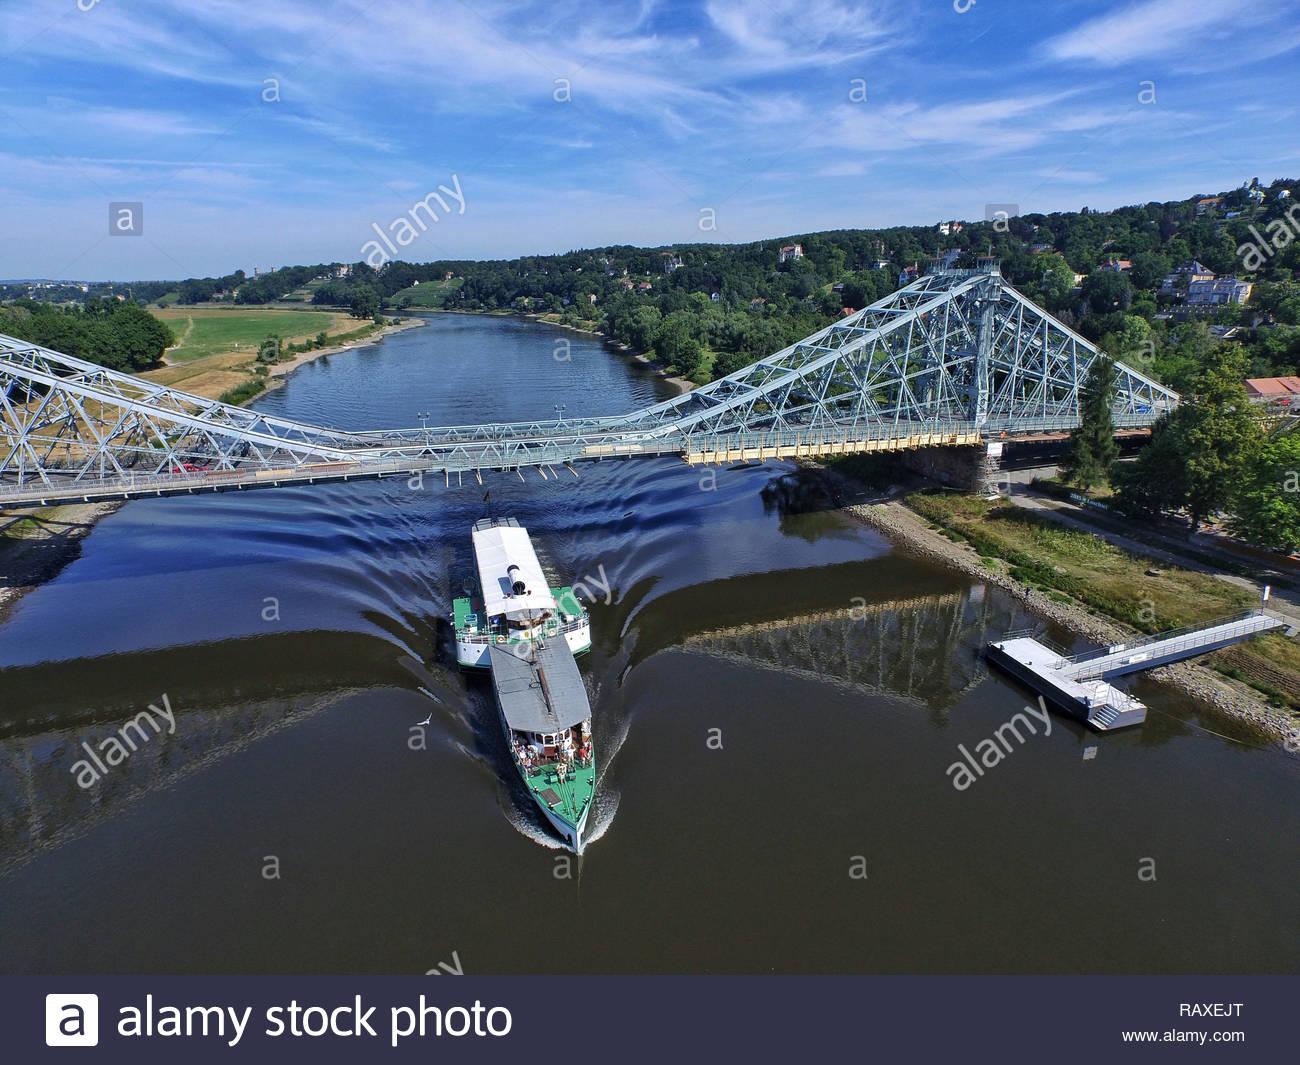 Dämpfer mit blaues Wunder Brücke in Dresden. Stockbild